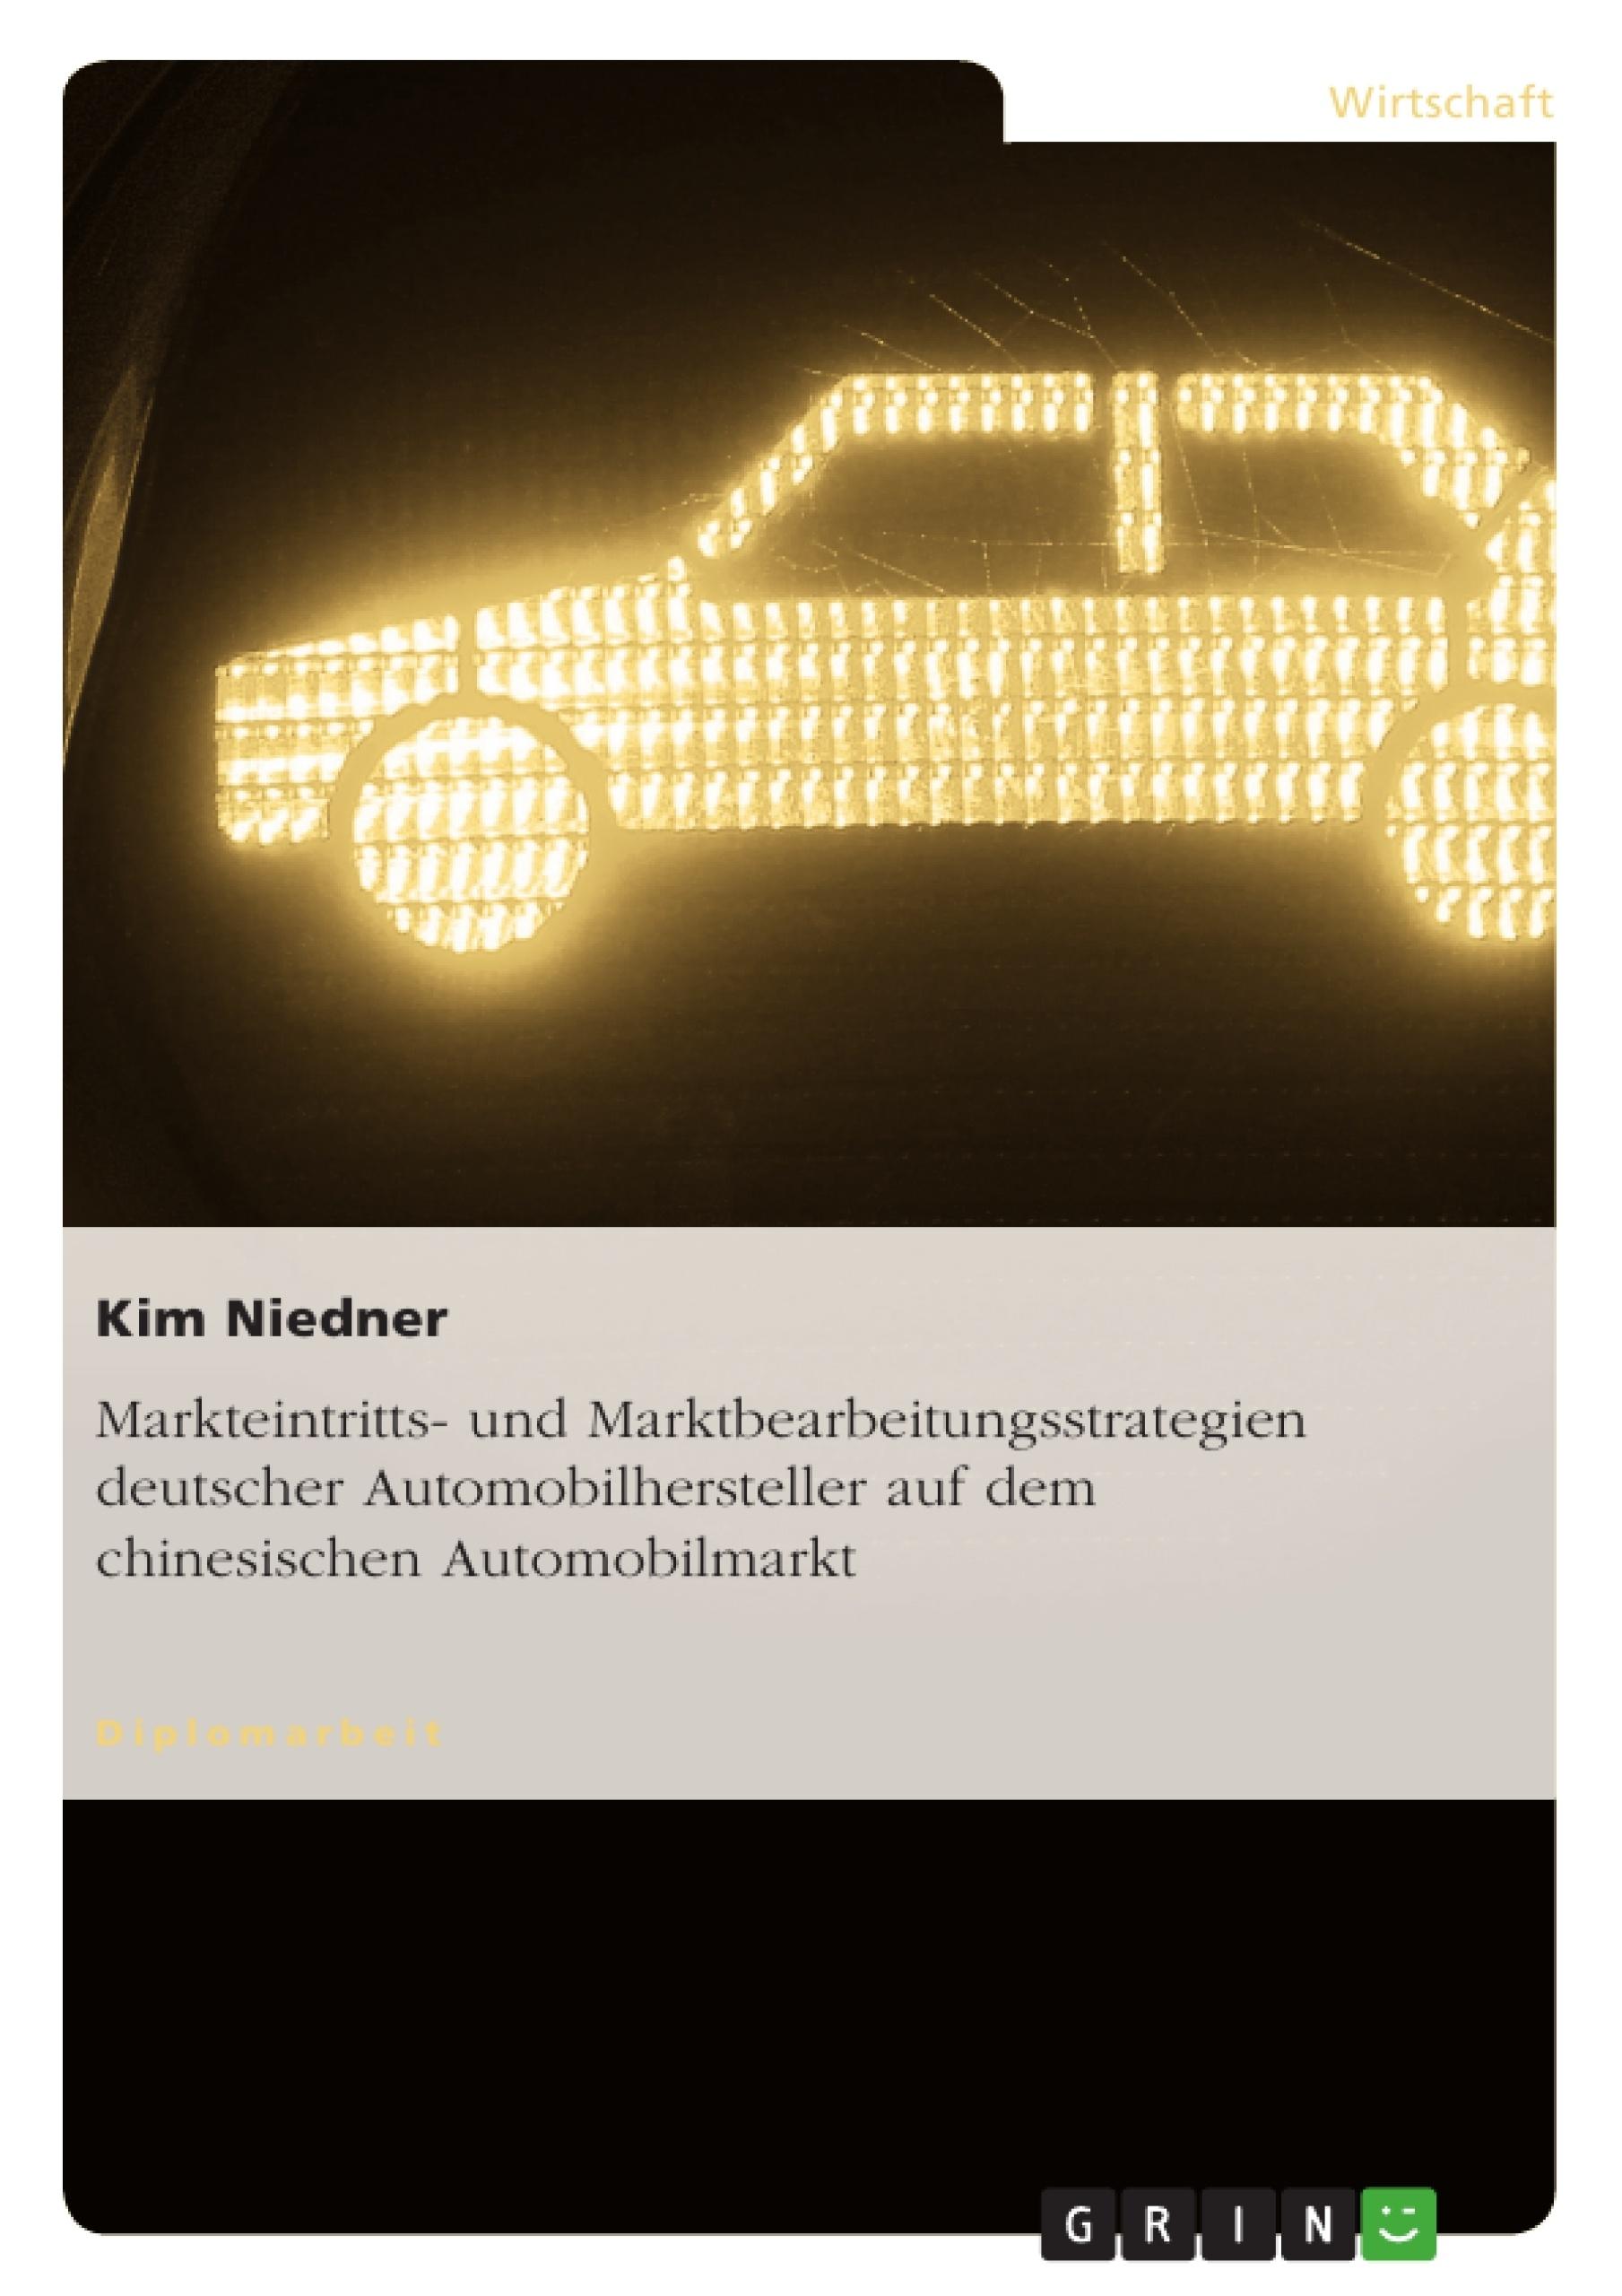 Titel: Markteintritts- und Marktbearbeitungsstrategien deutscher Automobilhersteller auf dem chinesischen Automobilmarkt